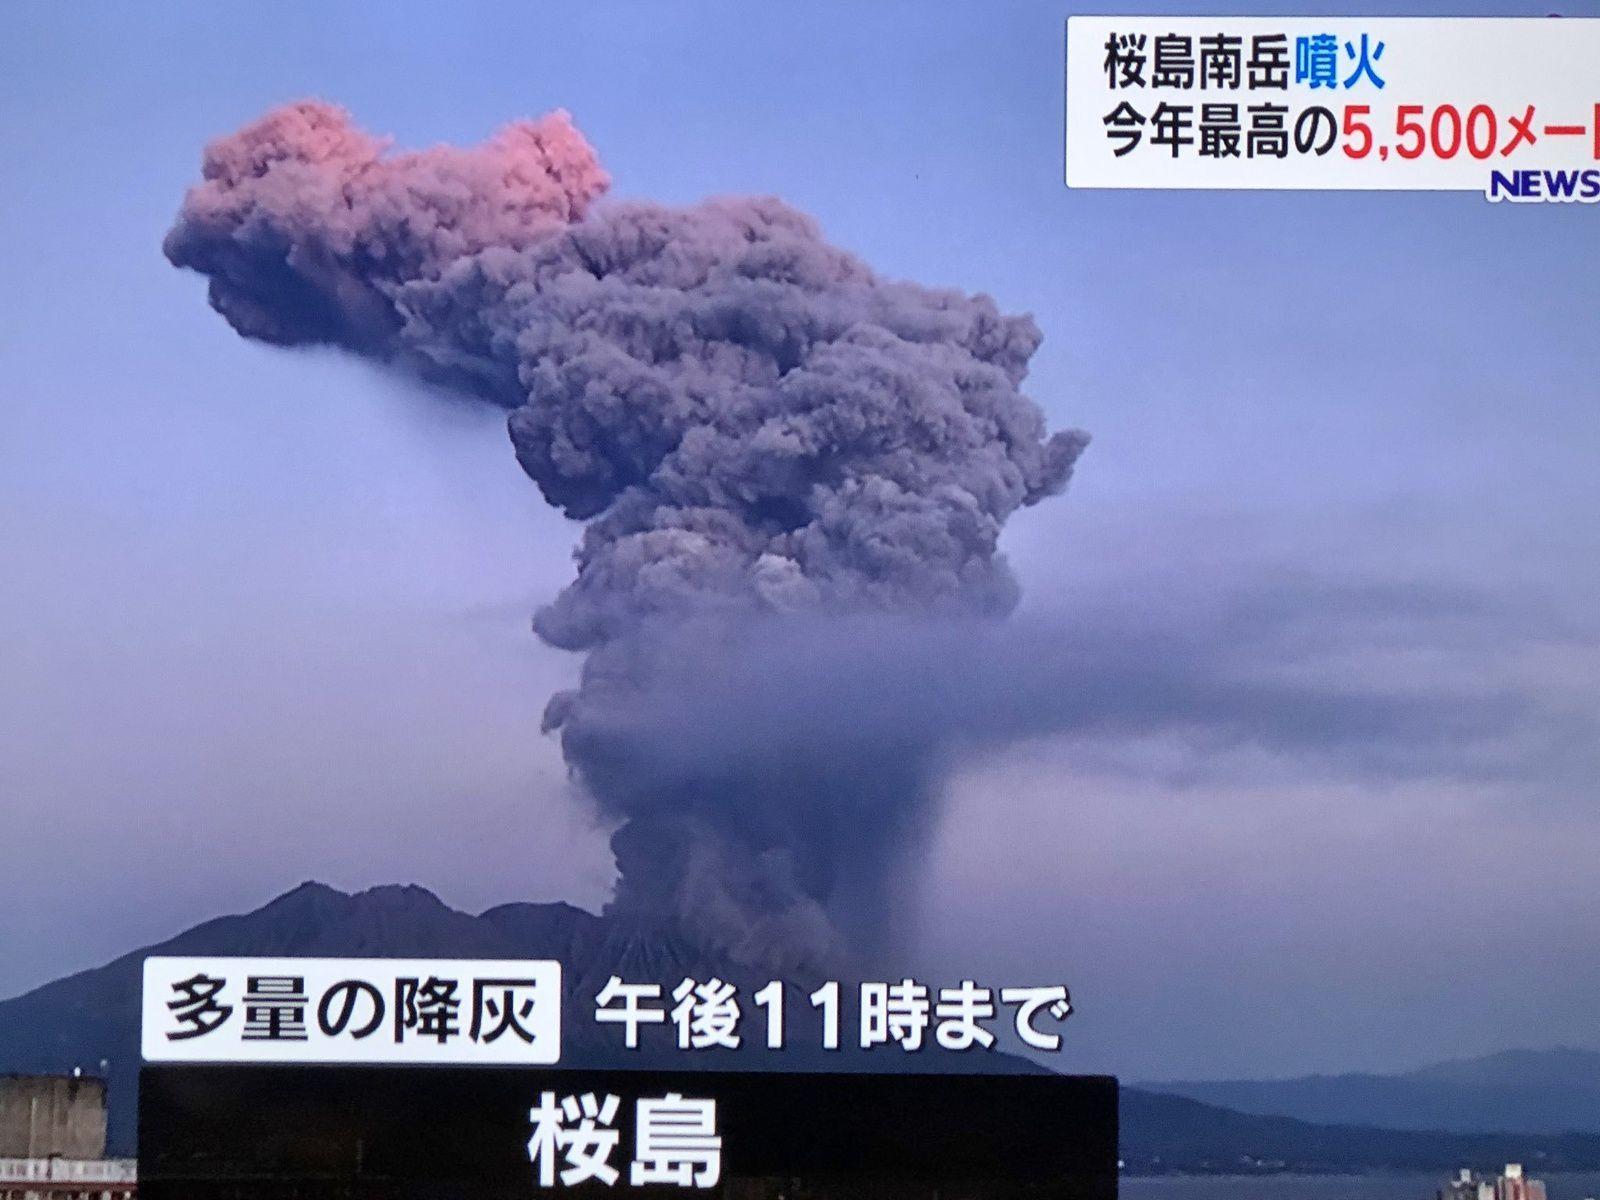 Sakurajima - épisode éruptif du 08.11.2019 ; le panache s'est développé jusqu'à 5.500 m. au dessus du cratère